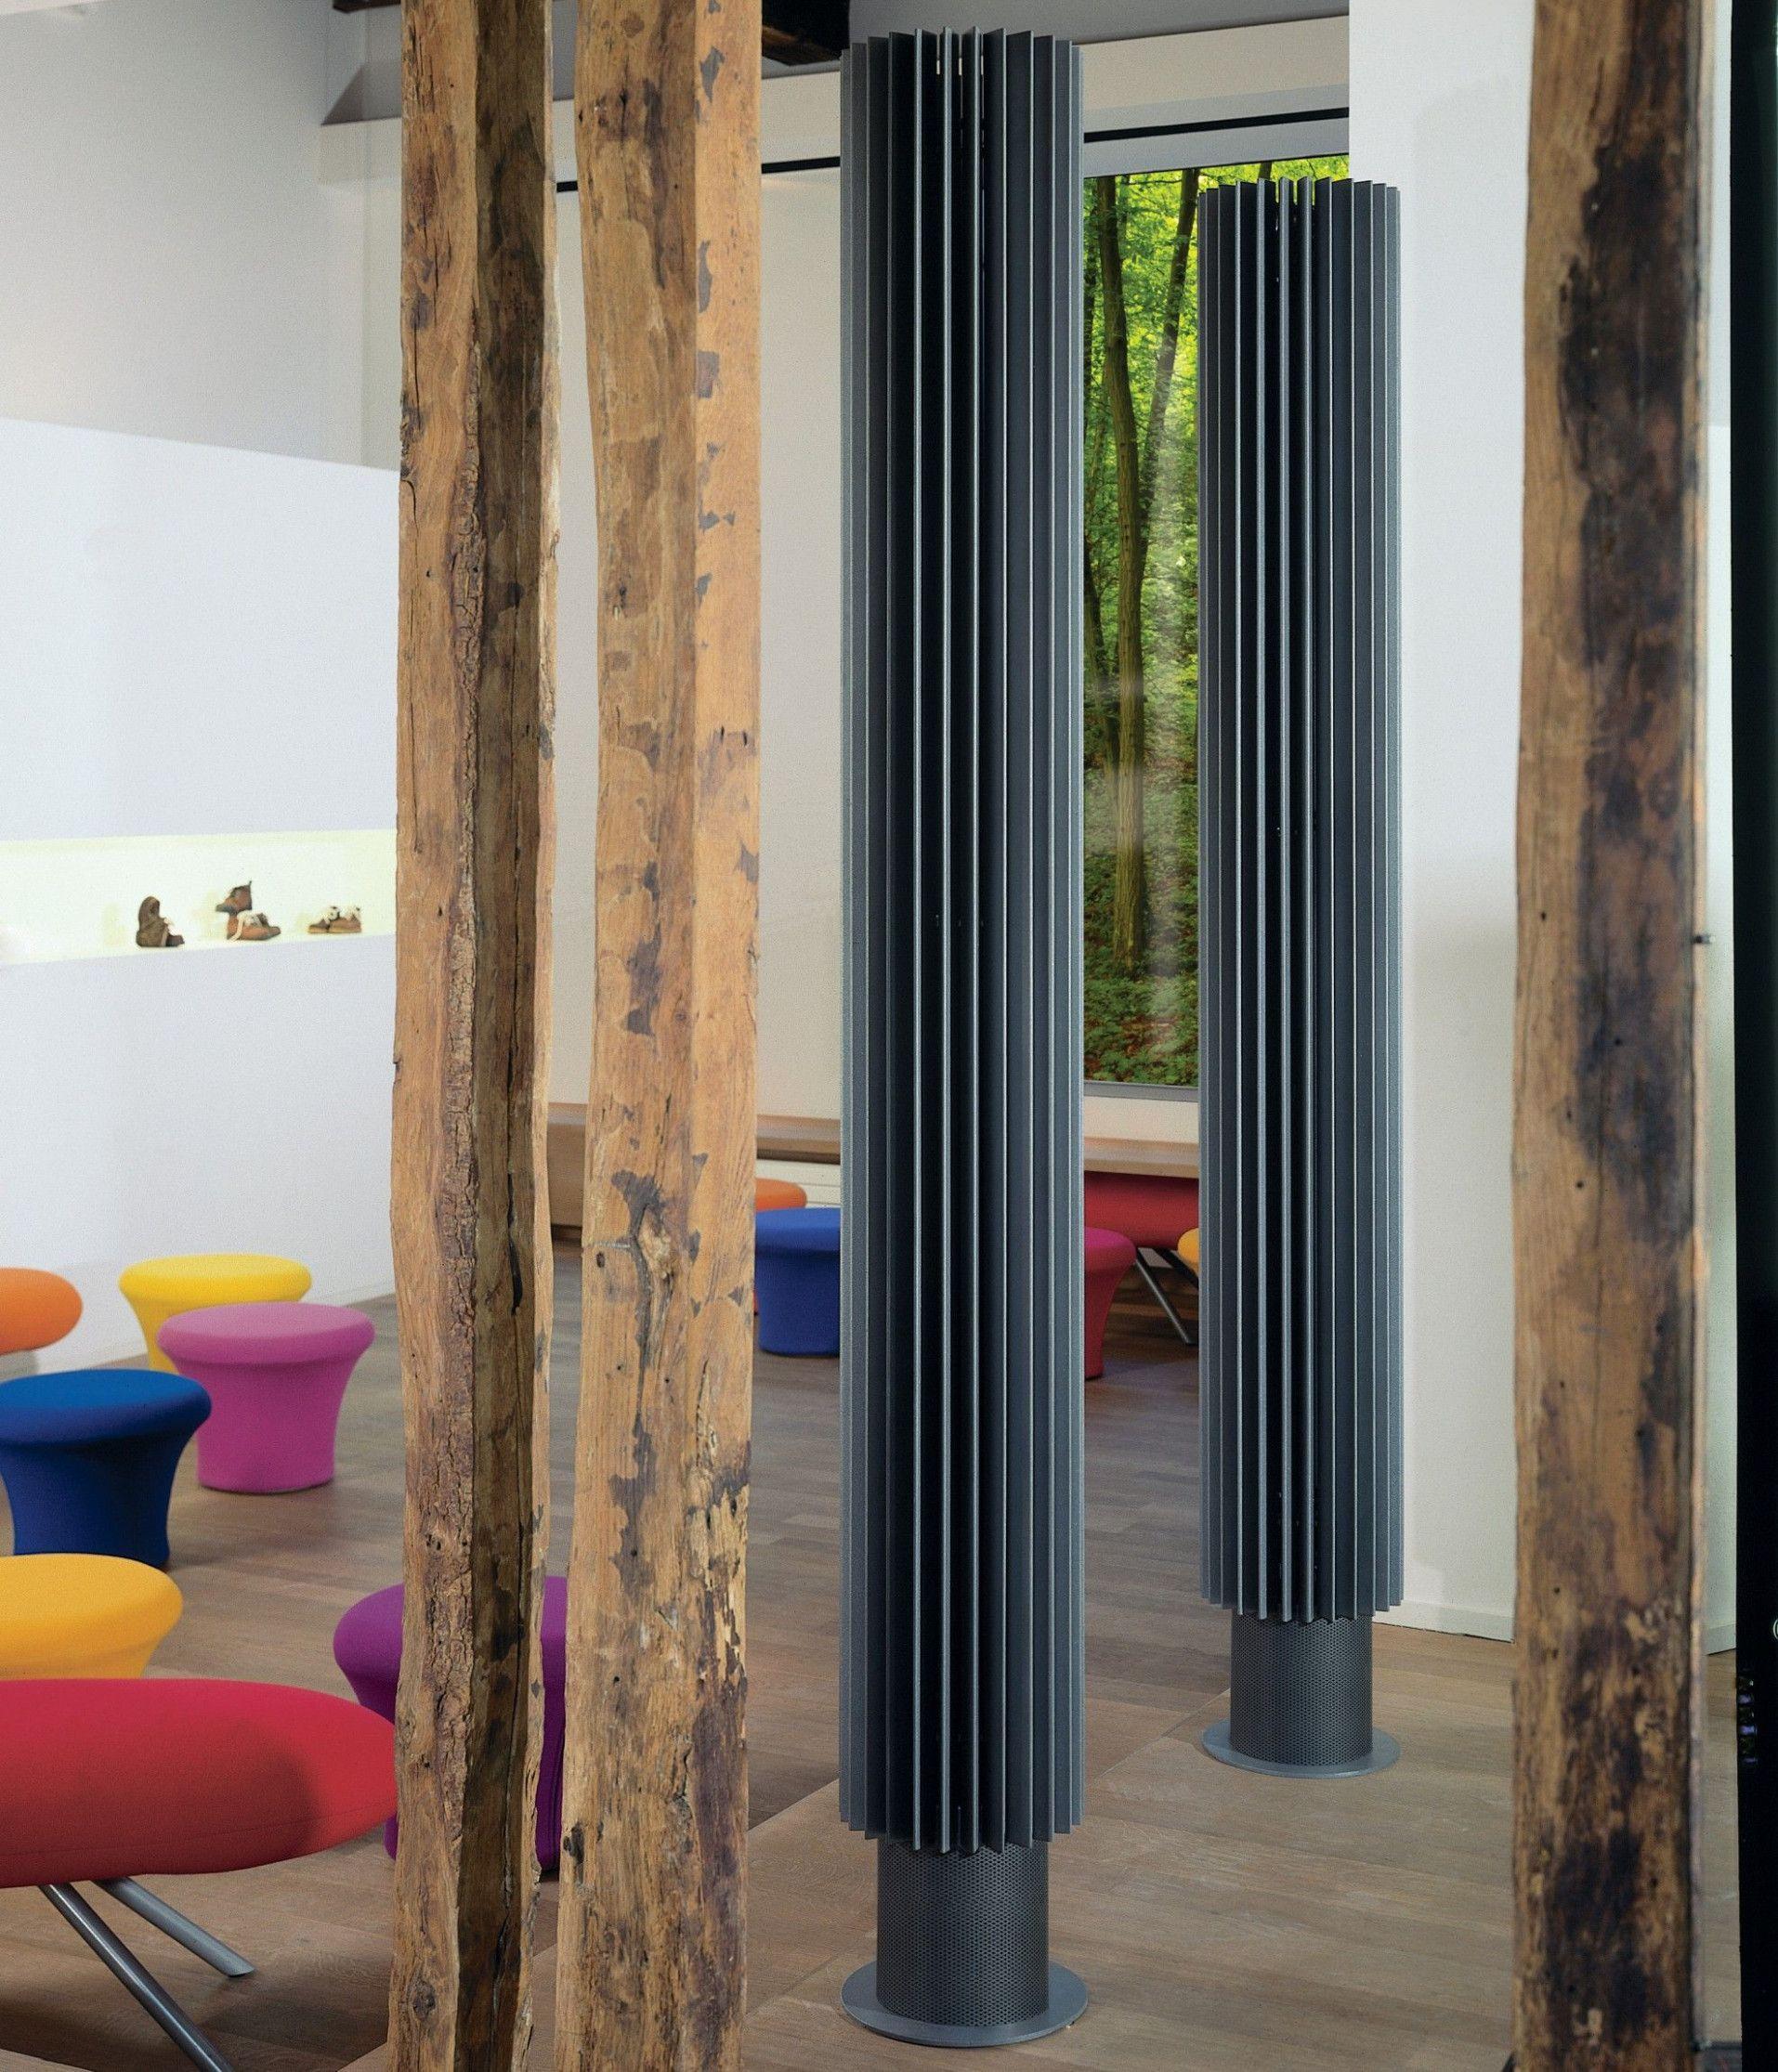 8 Design Heizung Wohnzimmer in 8  Design heizkörper, Design